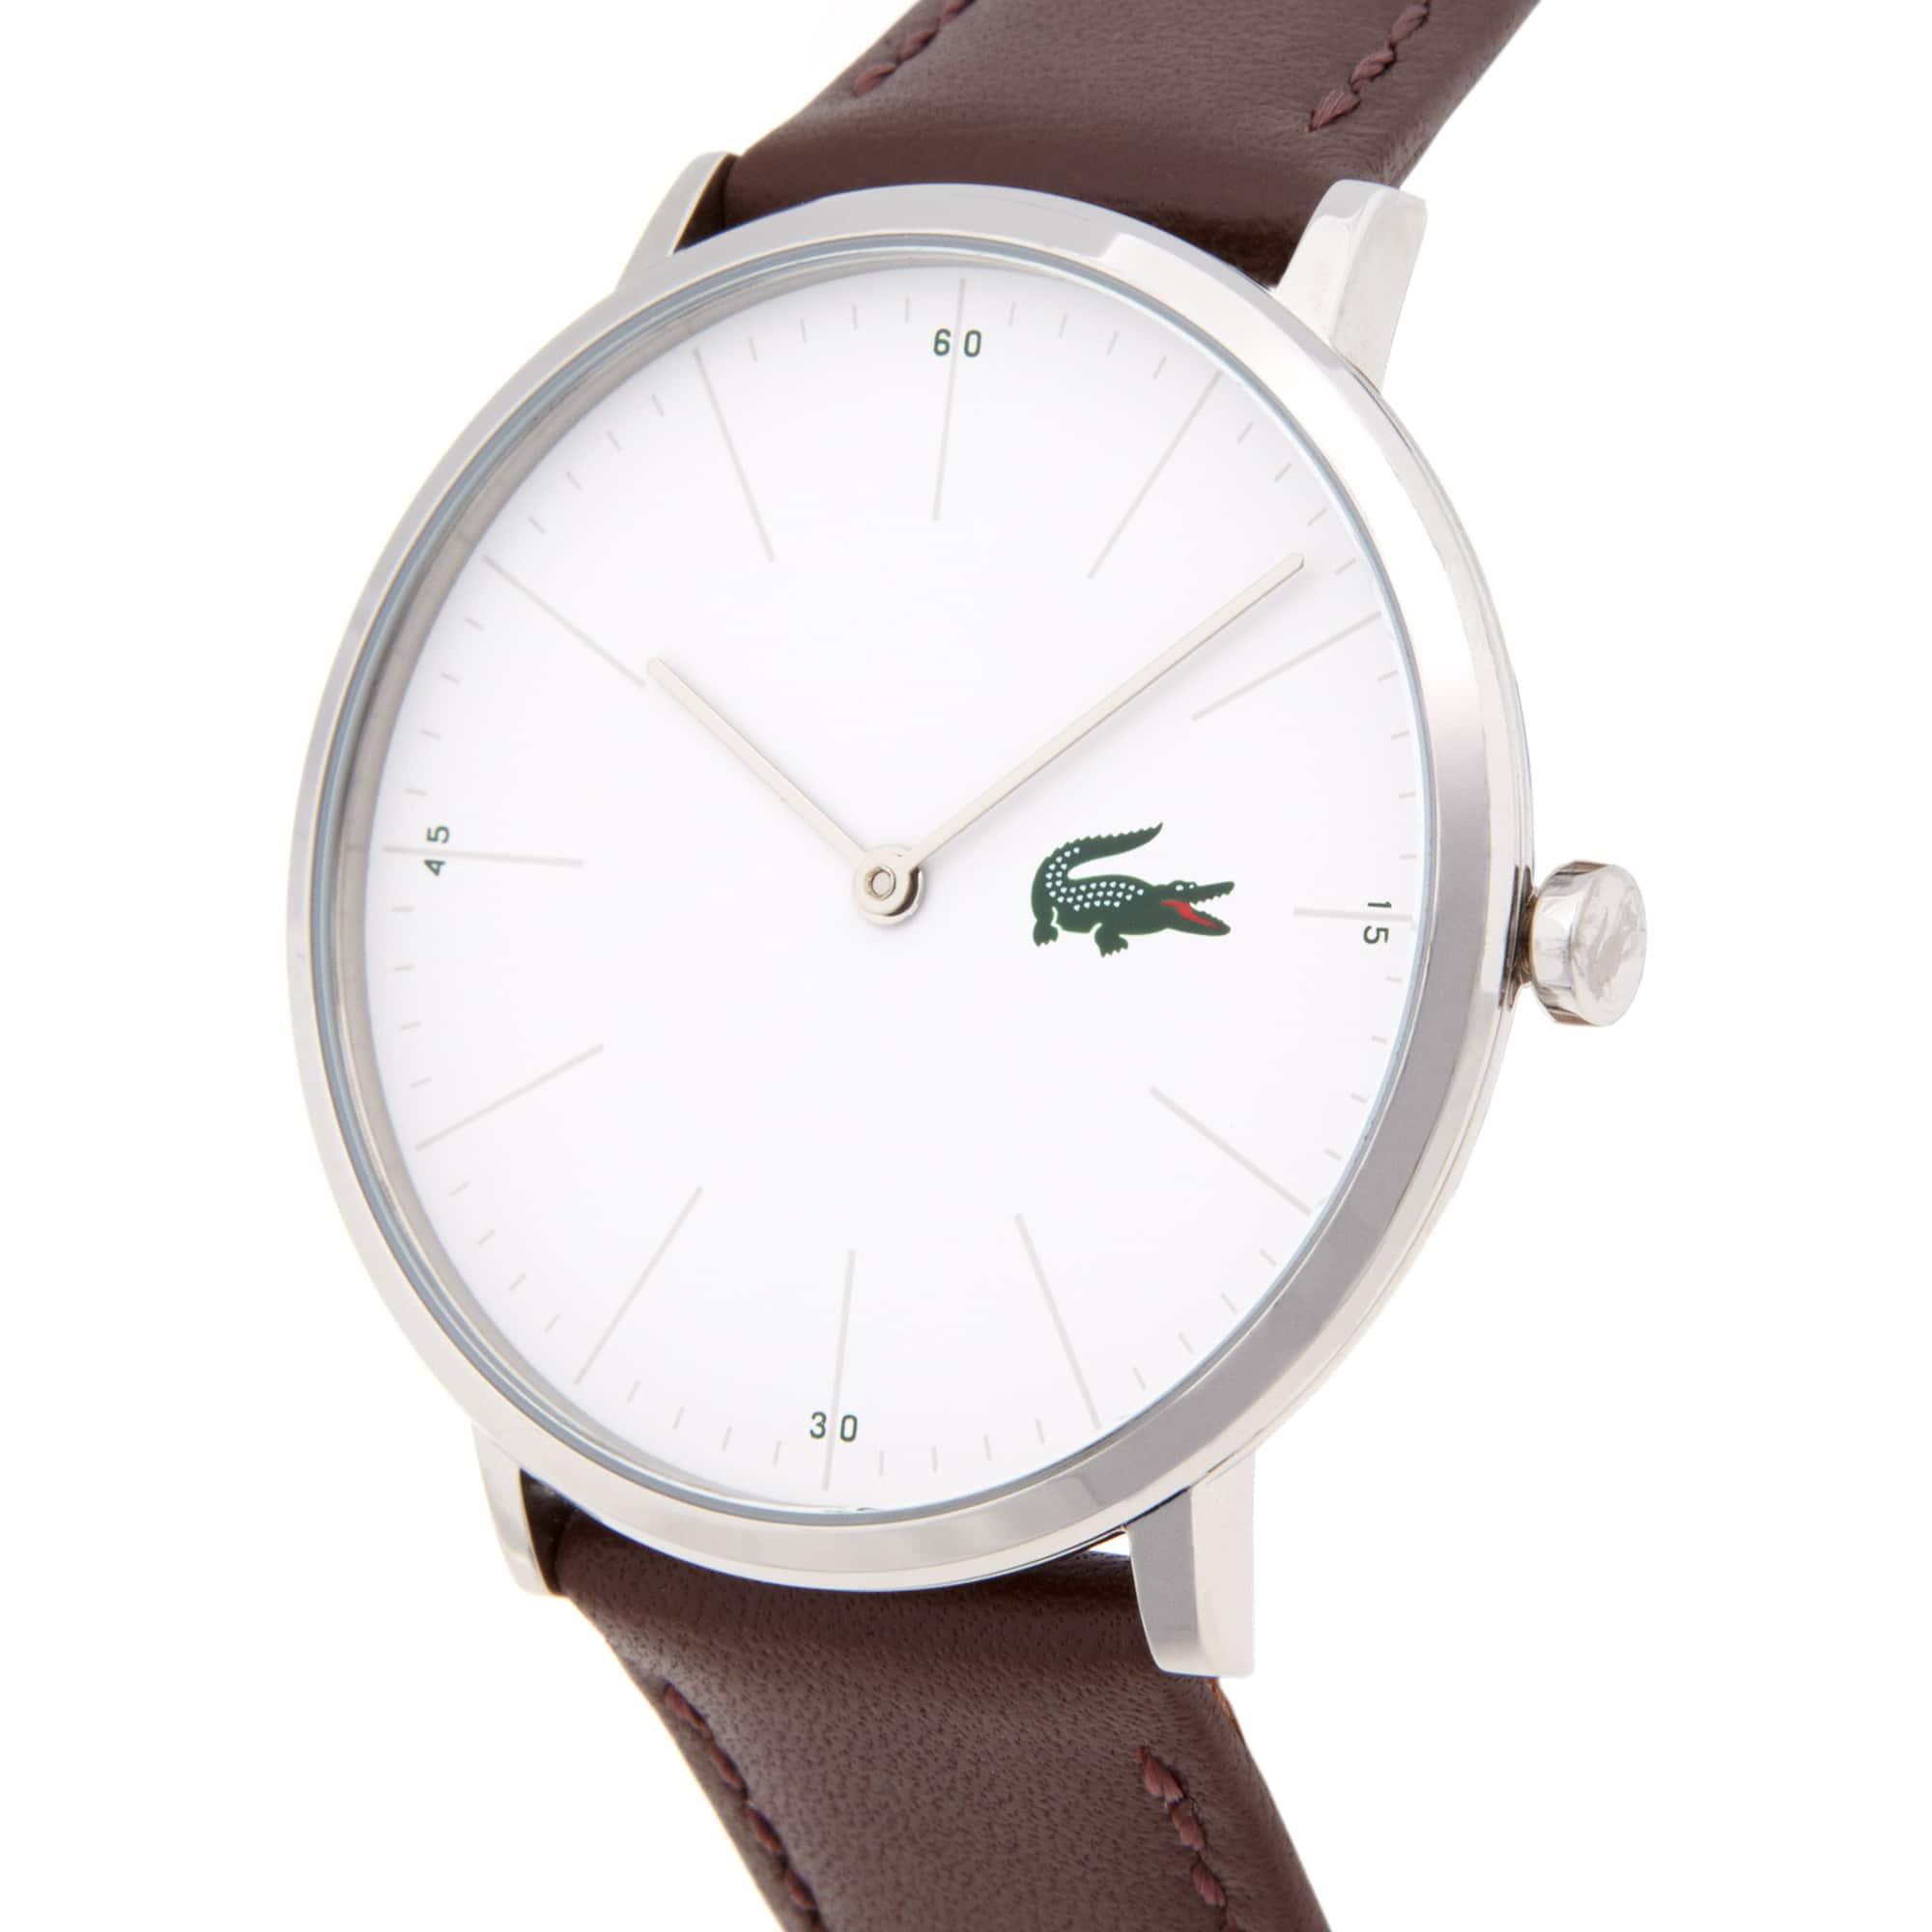 Reloj de Hombre Moon Ultrafino con Correa de Piel Marrón